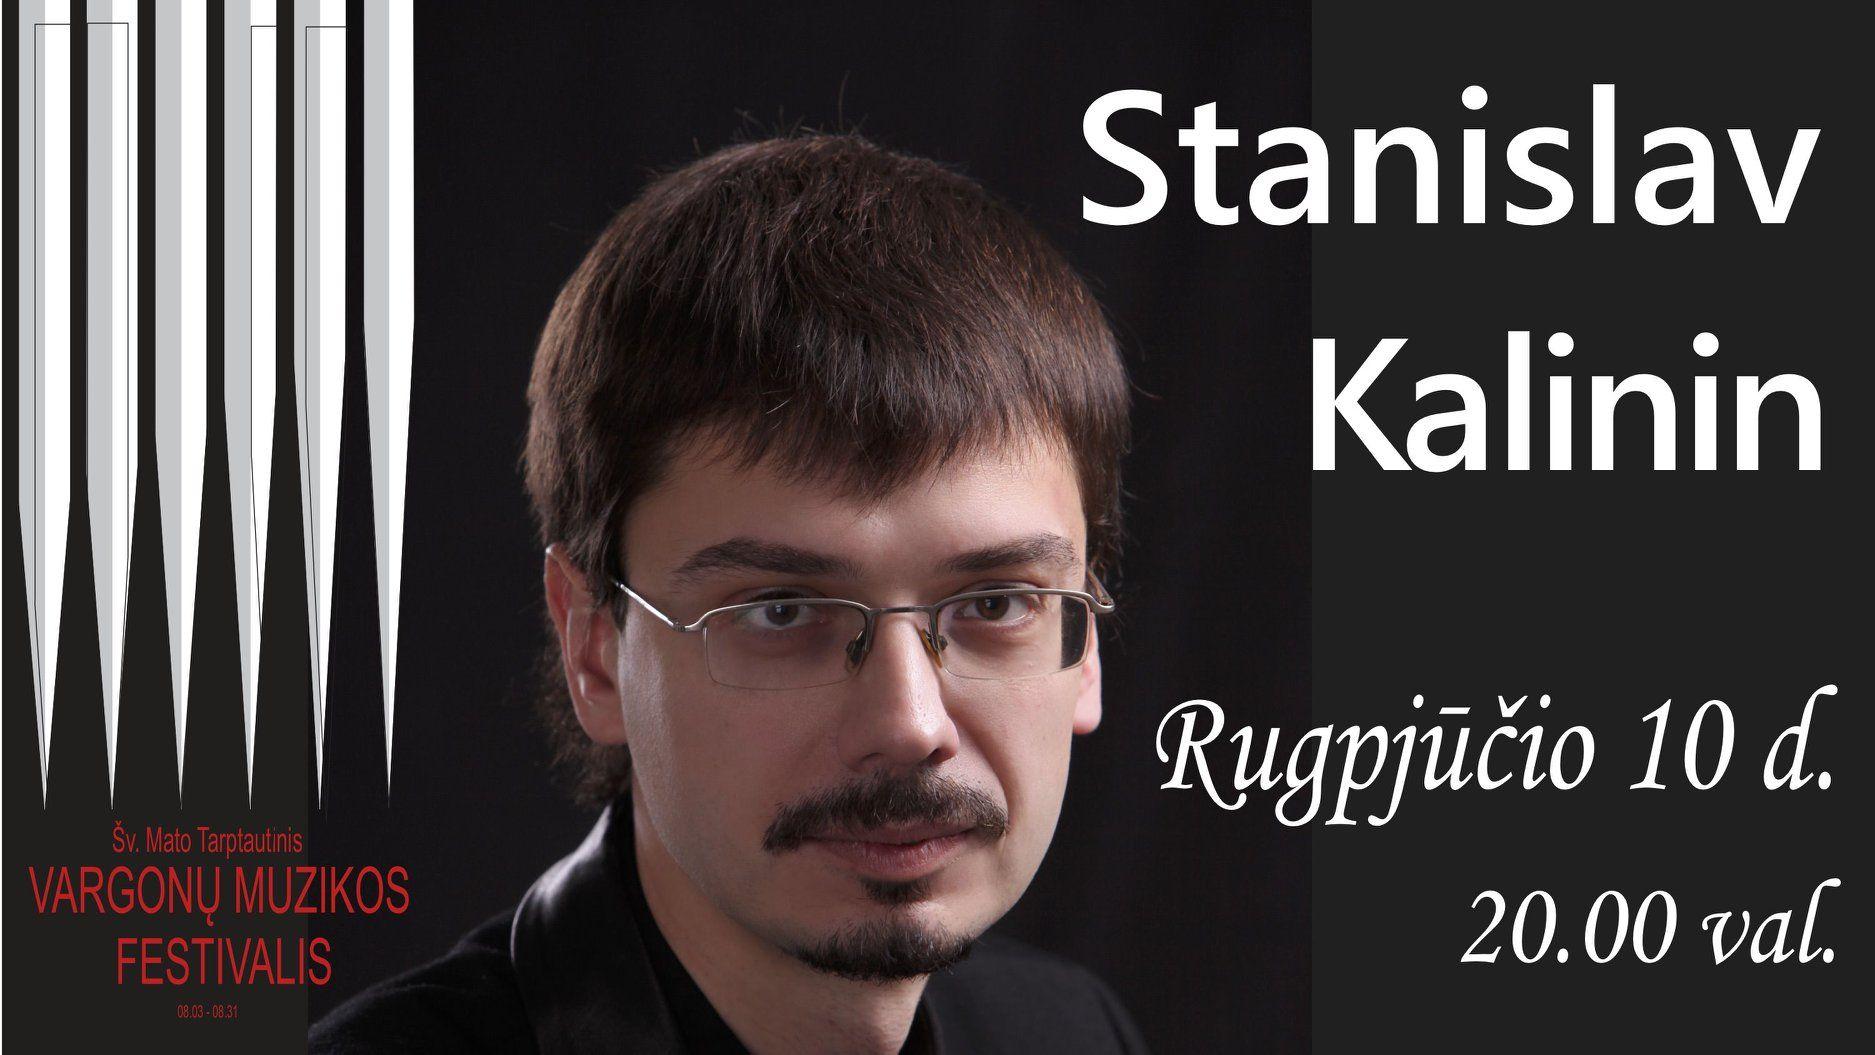 Šv. Mato tarptautinis vargonų muzikos festivalis (2019) / Stanislav Kalinin (vargonai, Ukraina)